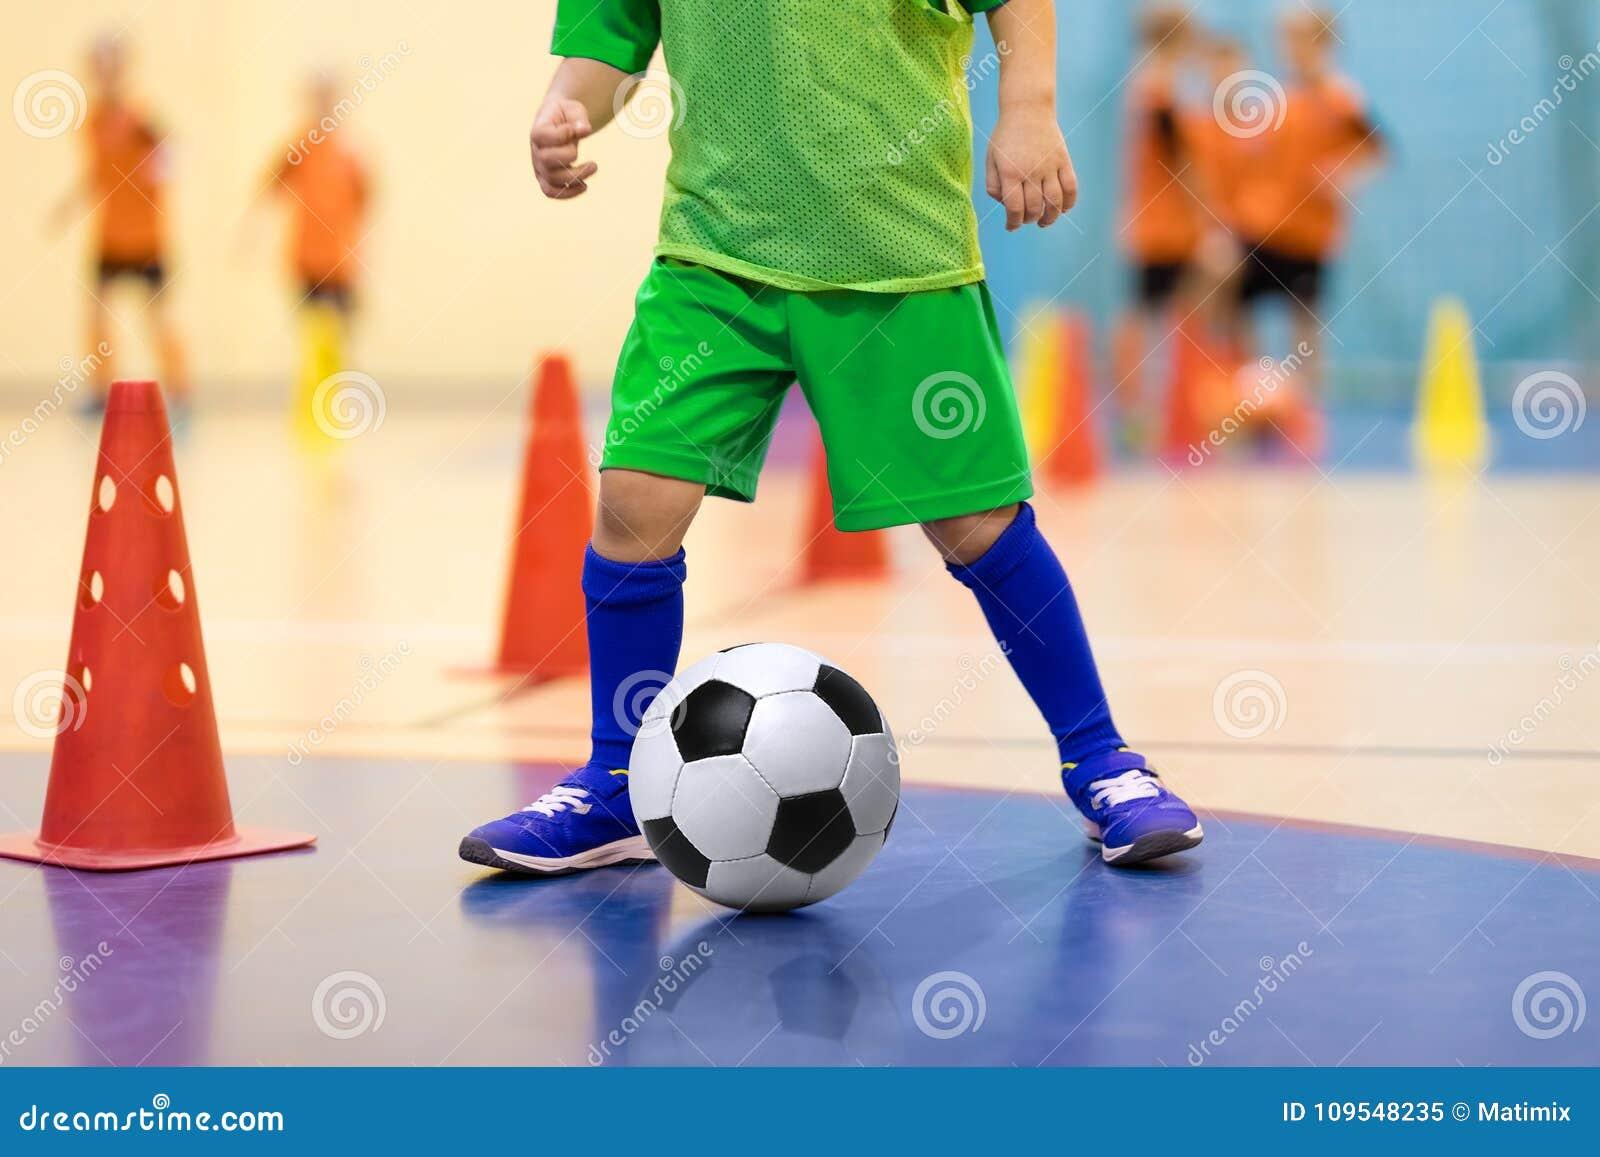 Junger Spieler des Hallenfußballs mit einem Fußball in einer Sporthalle Spieler in der grünen Uniform Basketball mit Metallflügel